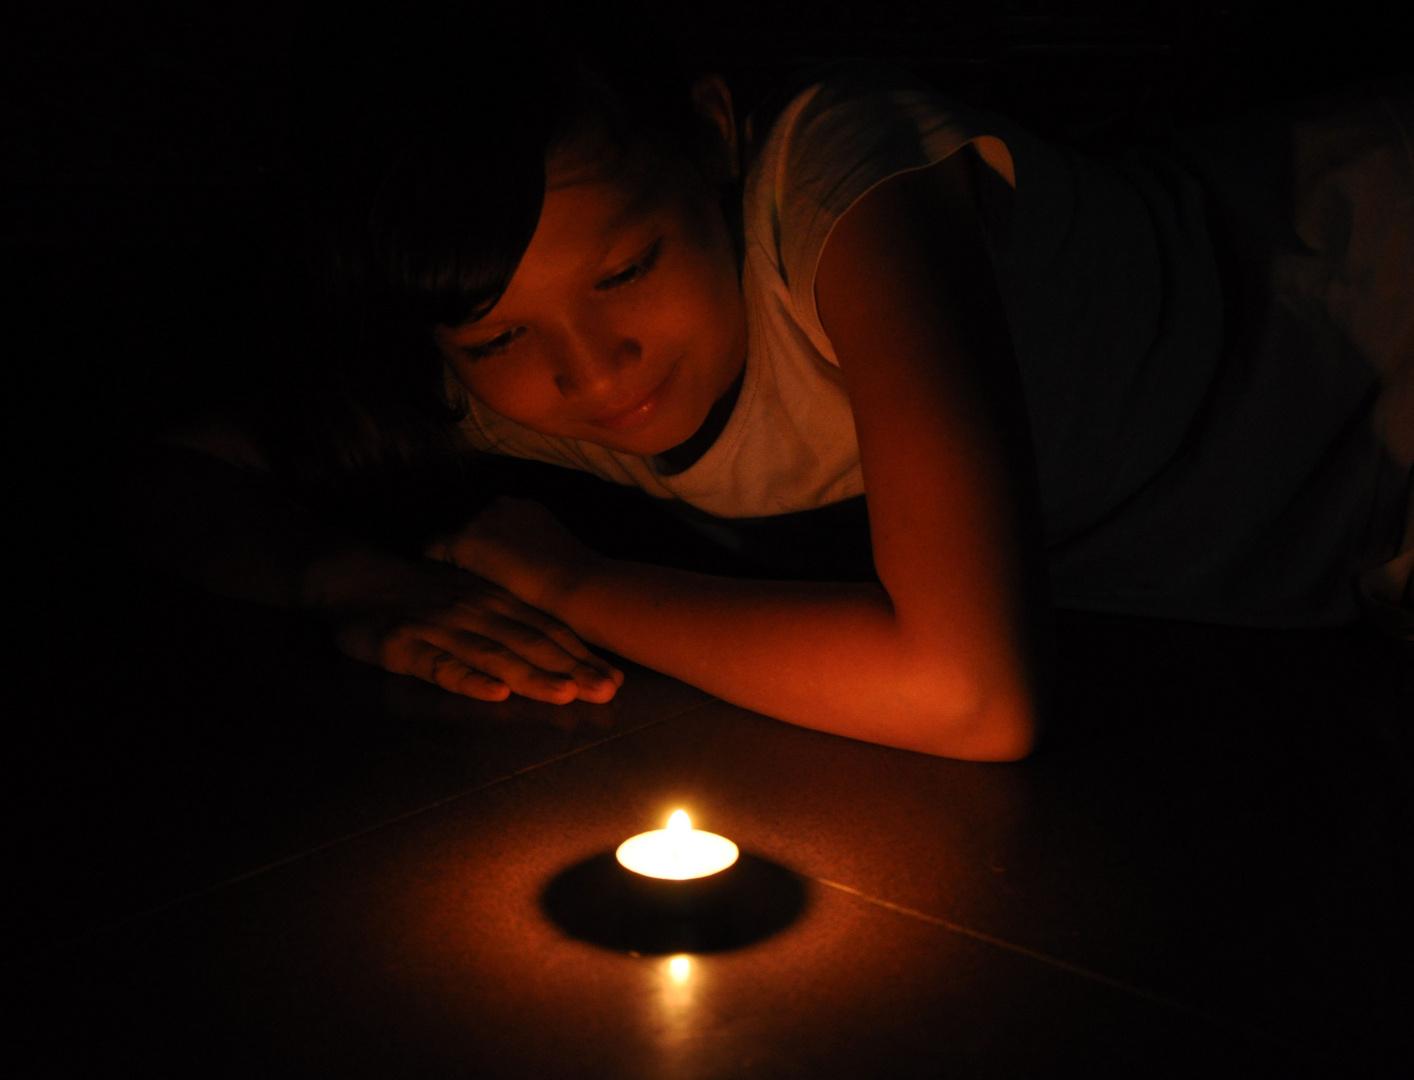 versunken im Kerzenschein